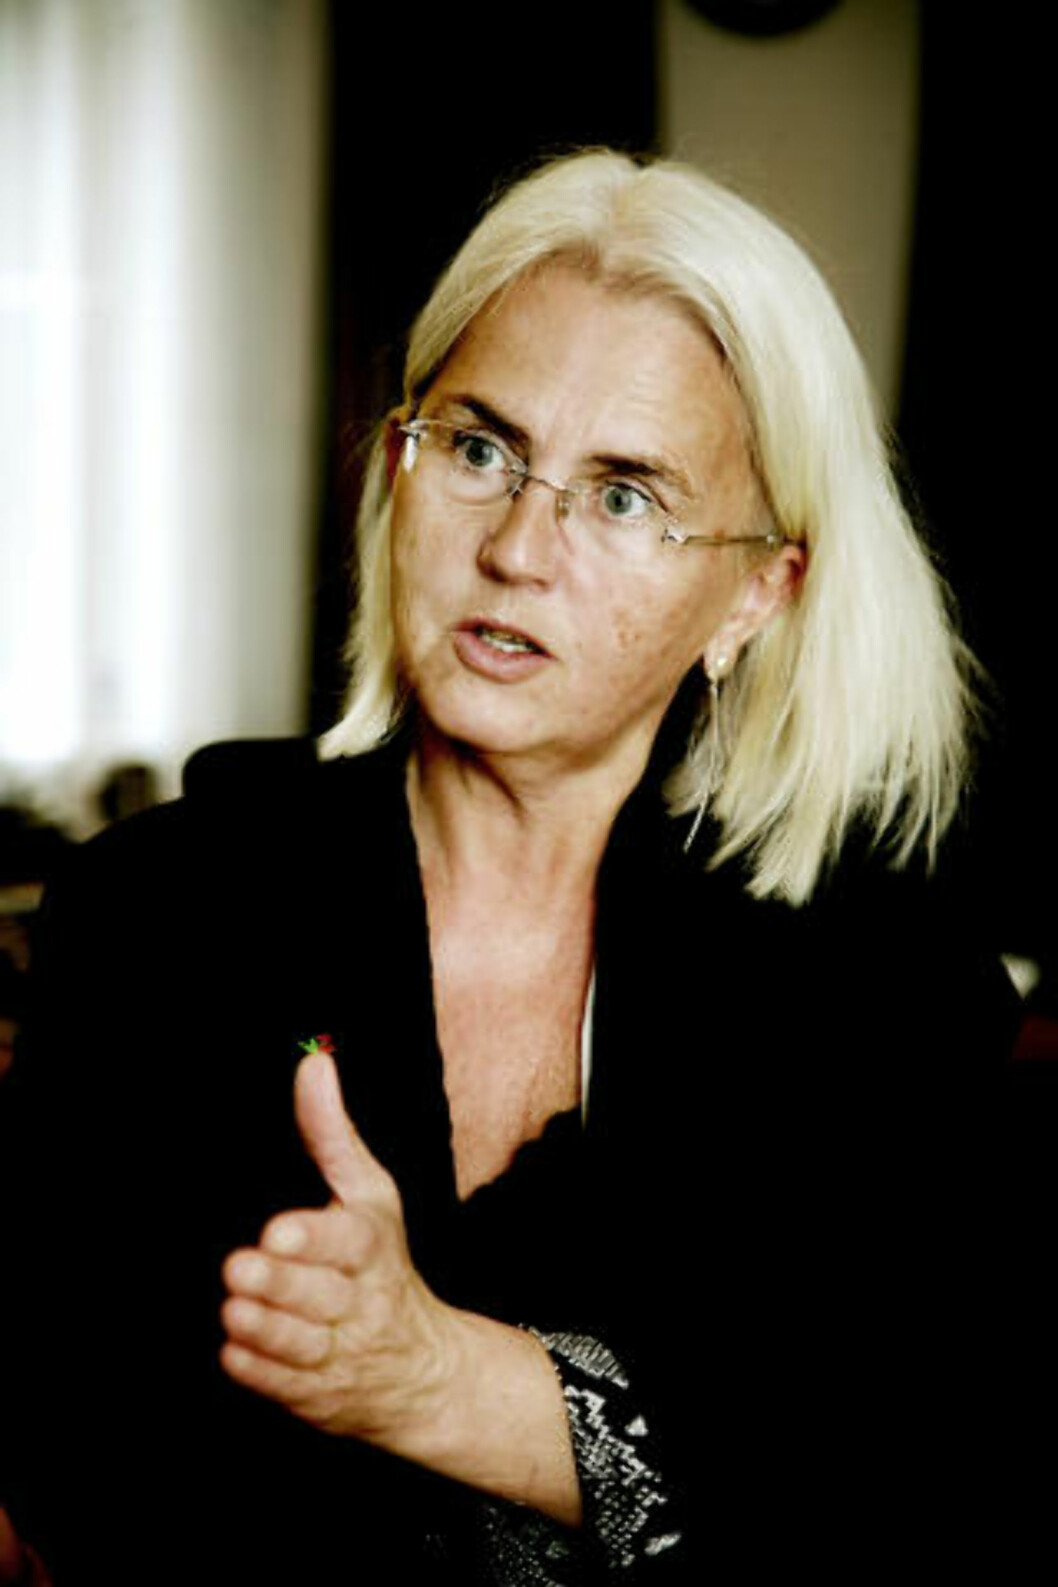 <strong>AKUTT BEHOV:</strong>  Generalsekretær i Plan Norge, Helen Bjørnøy, mener det er et akutt behov for å gjøre byene tryggere for jenter fordi frykten for seksuelle overgrep innskrenker jentenes frihet og muligheter. Foto: Jacques Hvistendahl / Dagbladet